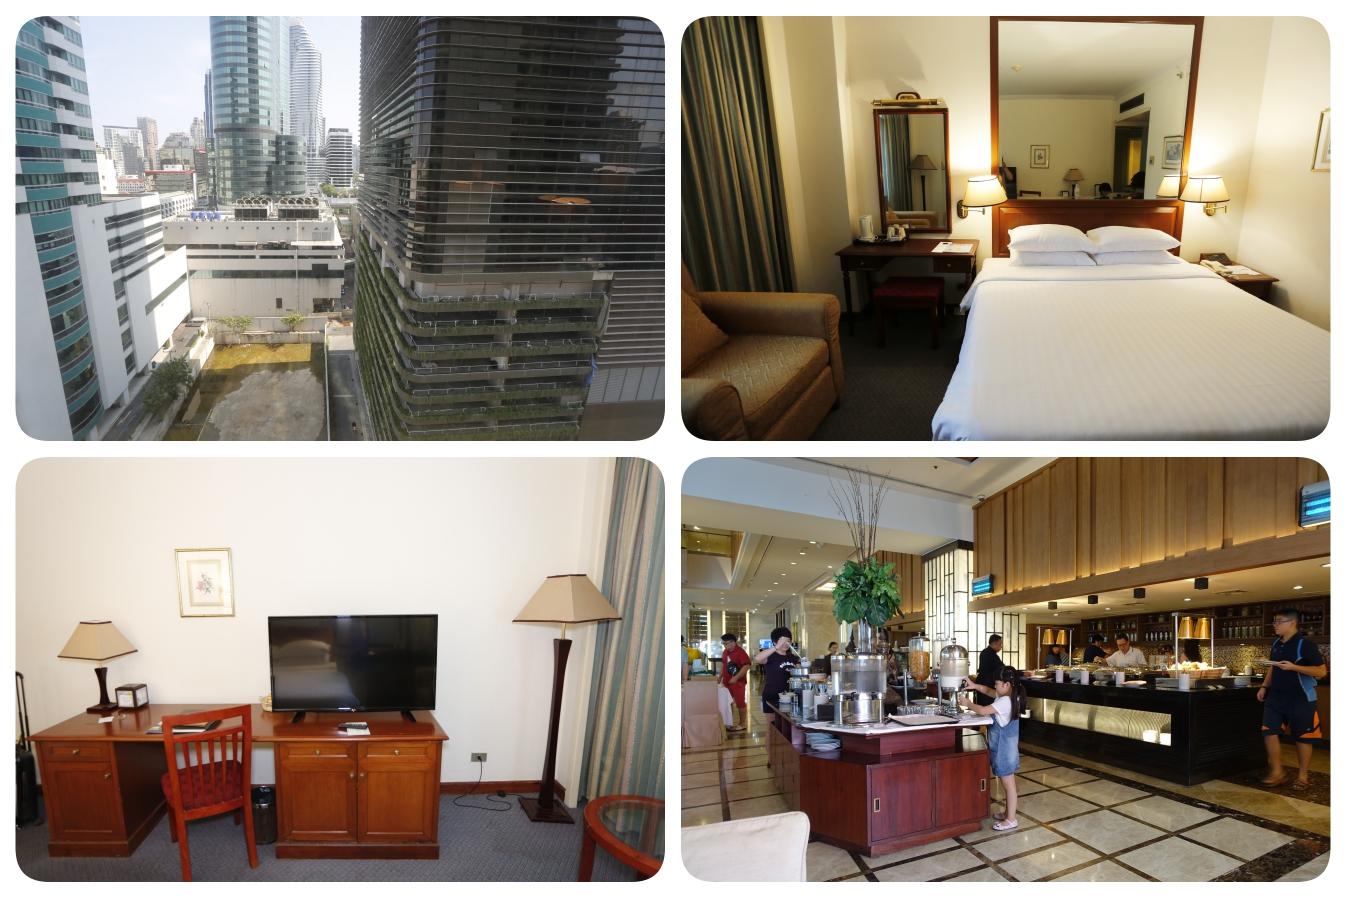 延伸閱讀:[曼谷住宿]阿諾瑪大飯店 (Arnoma Grand)~曼谷自由行住宿推薦.隔壁就是超好買Big C超市